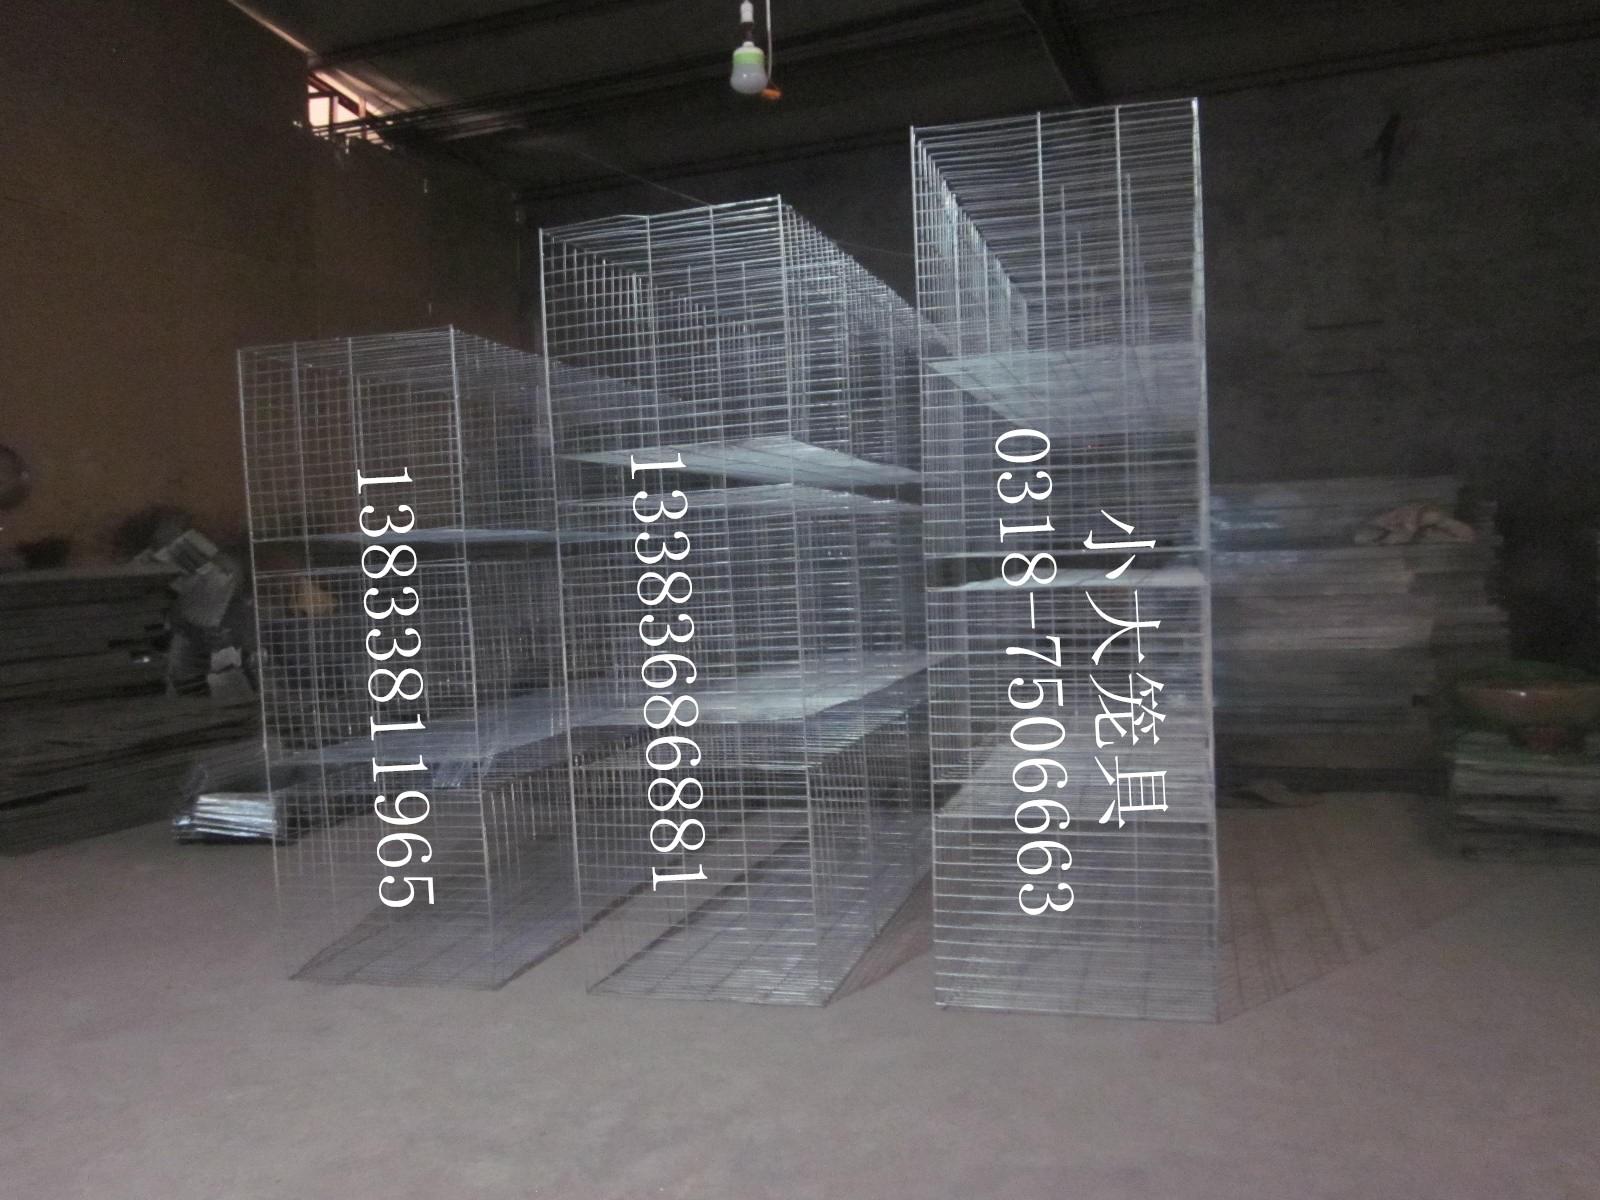 鸽笼子兔笼子鸡笼子狐狸笼鹌鹑笼运输笼鸟笼子狗笼子鸽子笼兔子笼